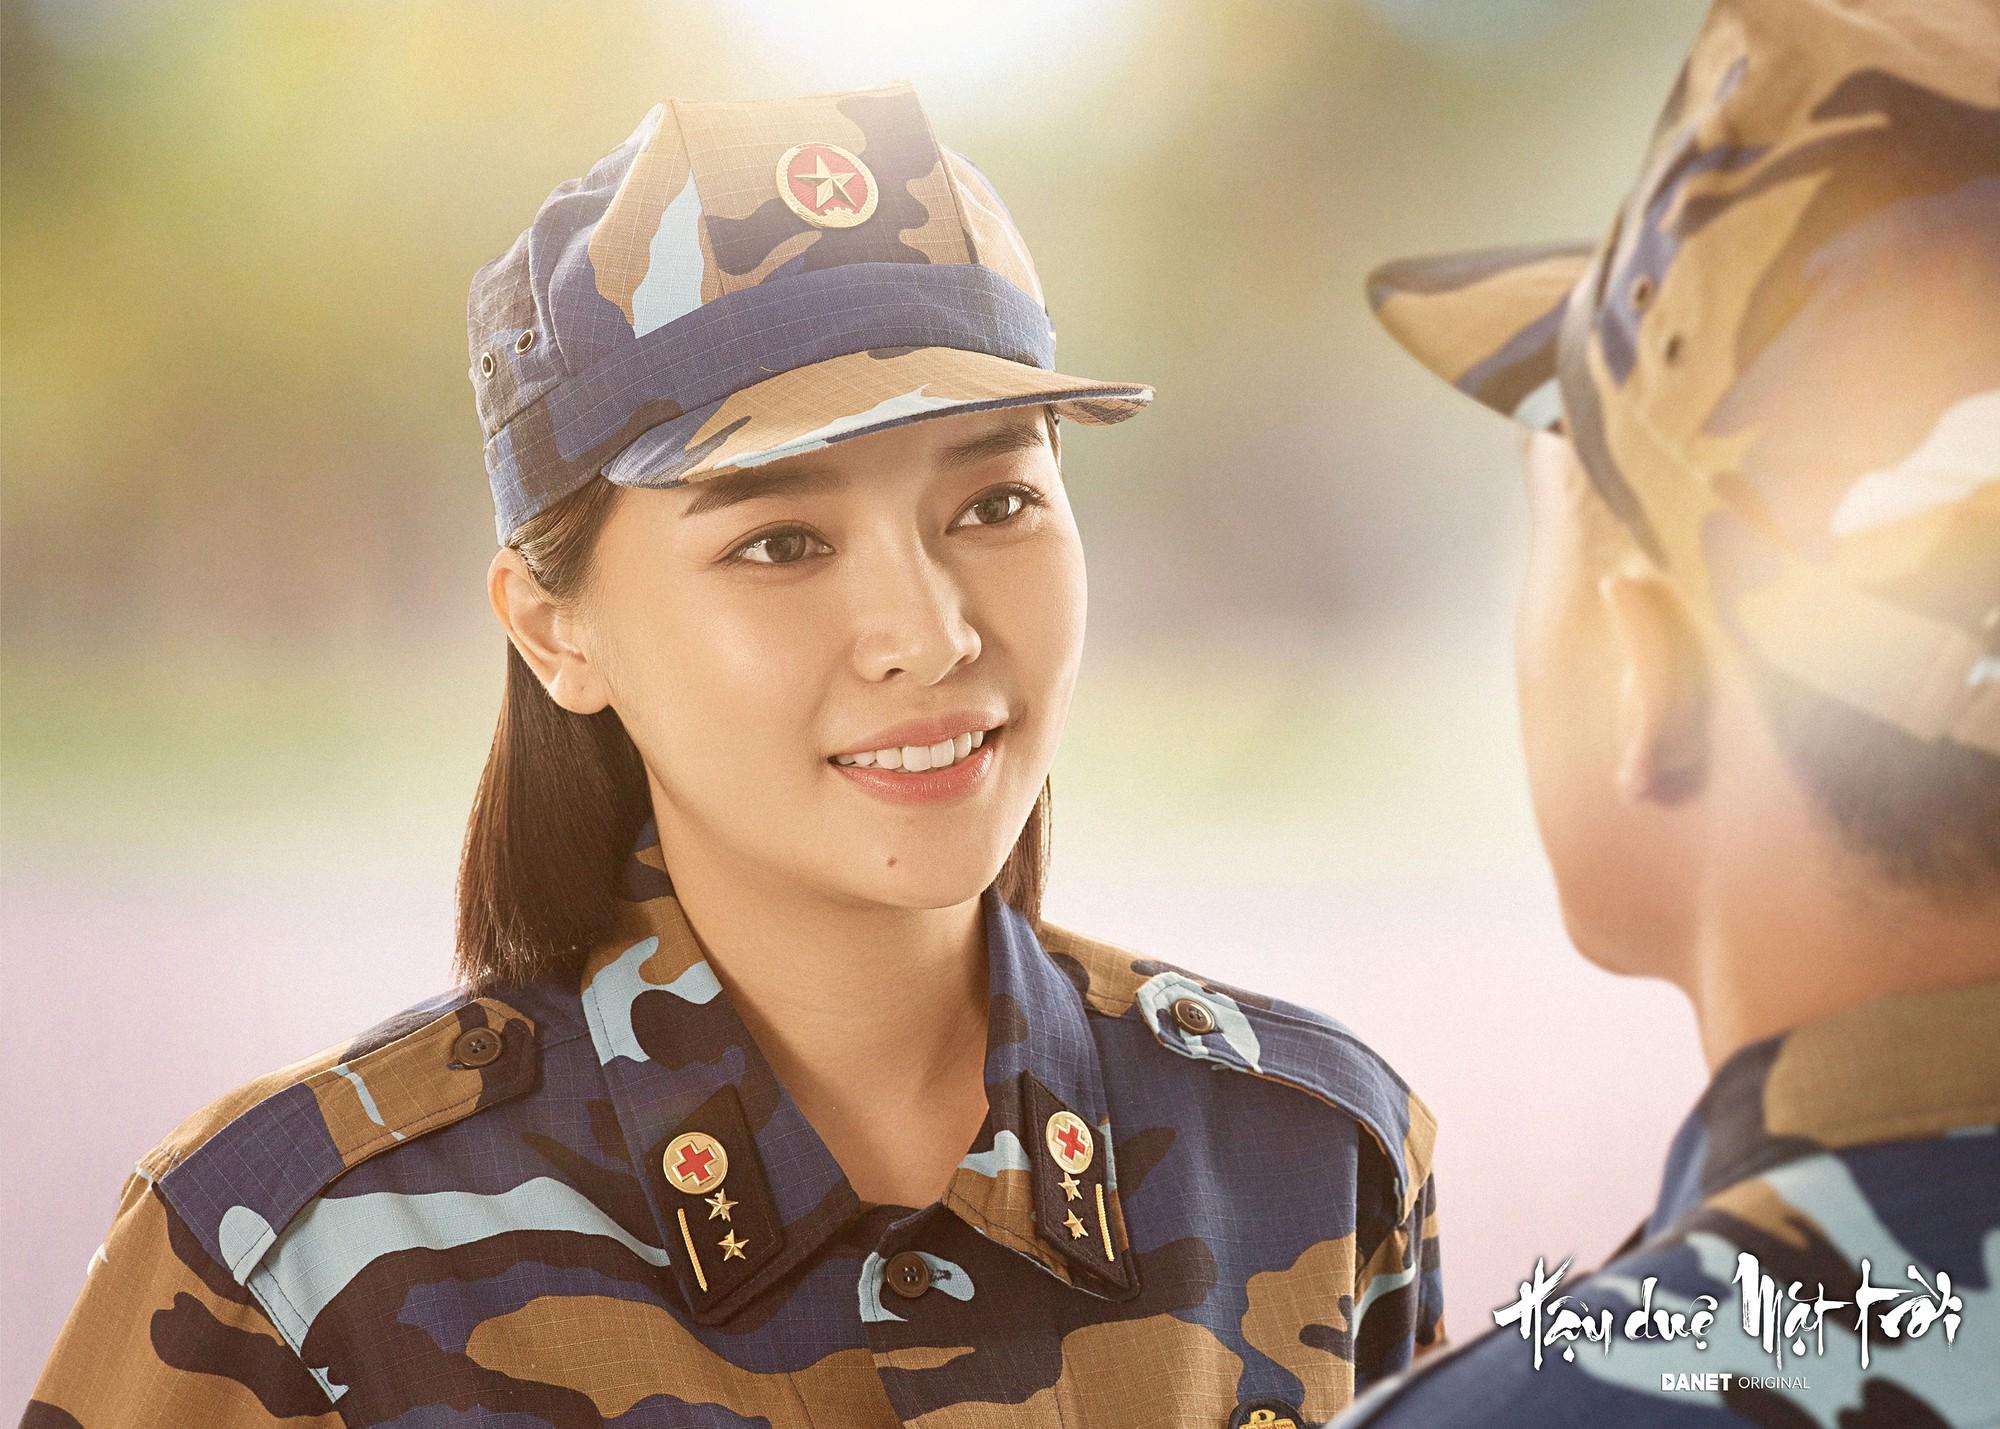 Nữ phụ Hậu duệ Mặt trời Cao Thái Hà: Tôi được mời cast vai bác sĩ chứ không phải trung úy  - Ảnh 4.